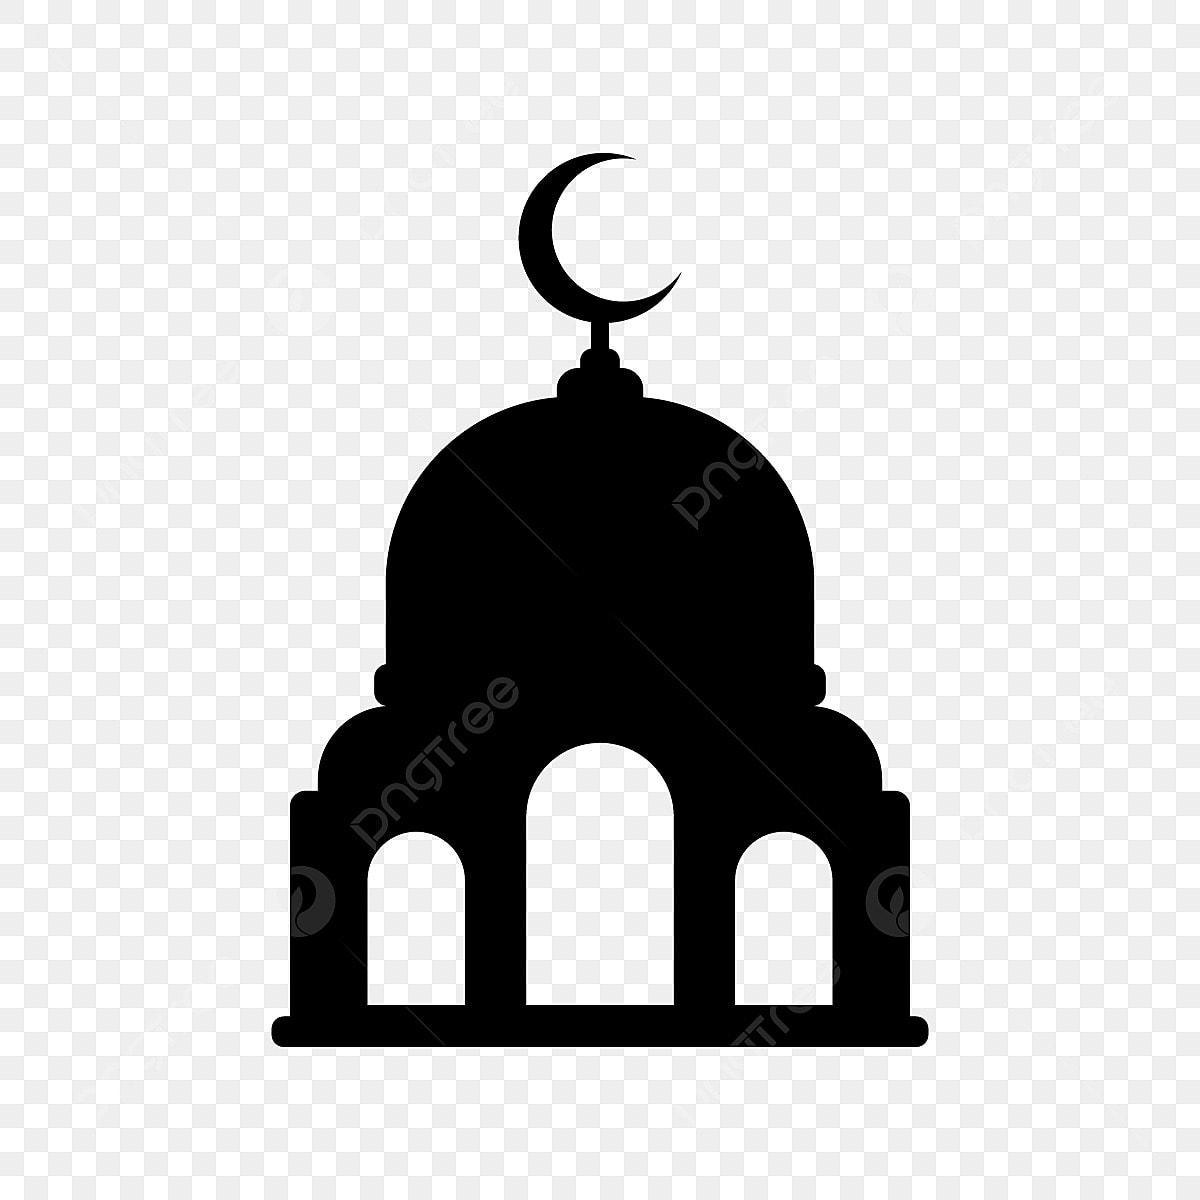 Gambar Ikon Masjid Hitam Ikon Hitam Putih Png Dan Vektor Untuk Muat Turun Percuma